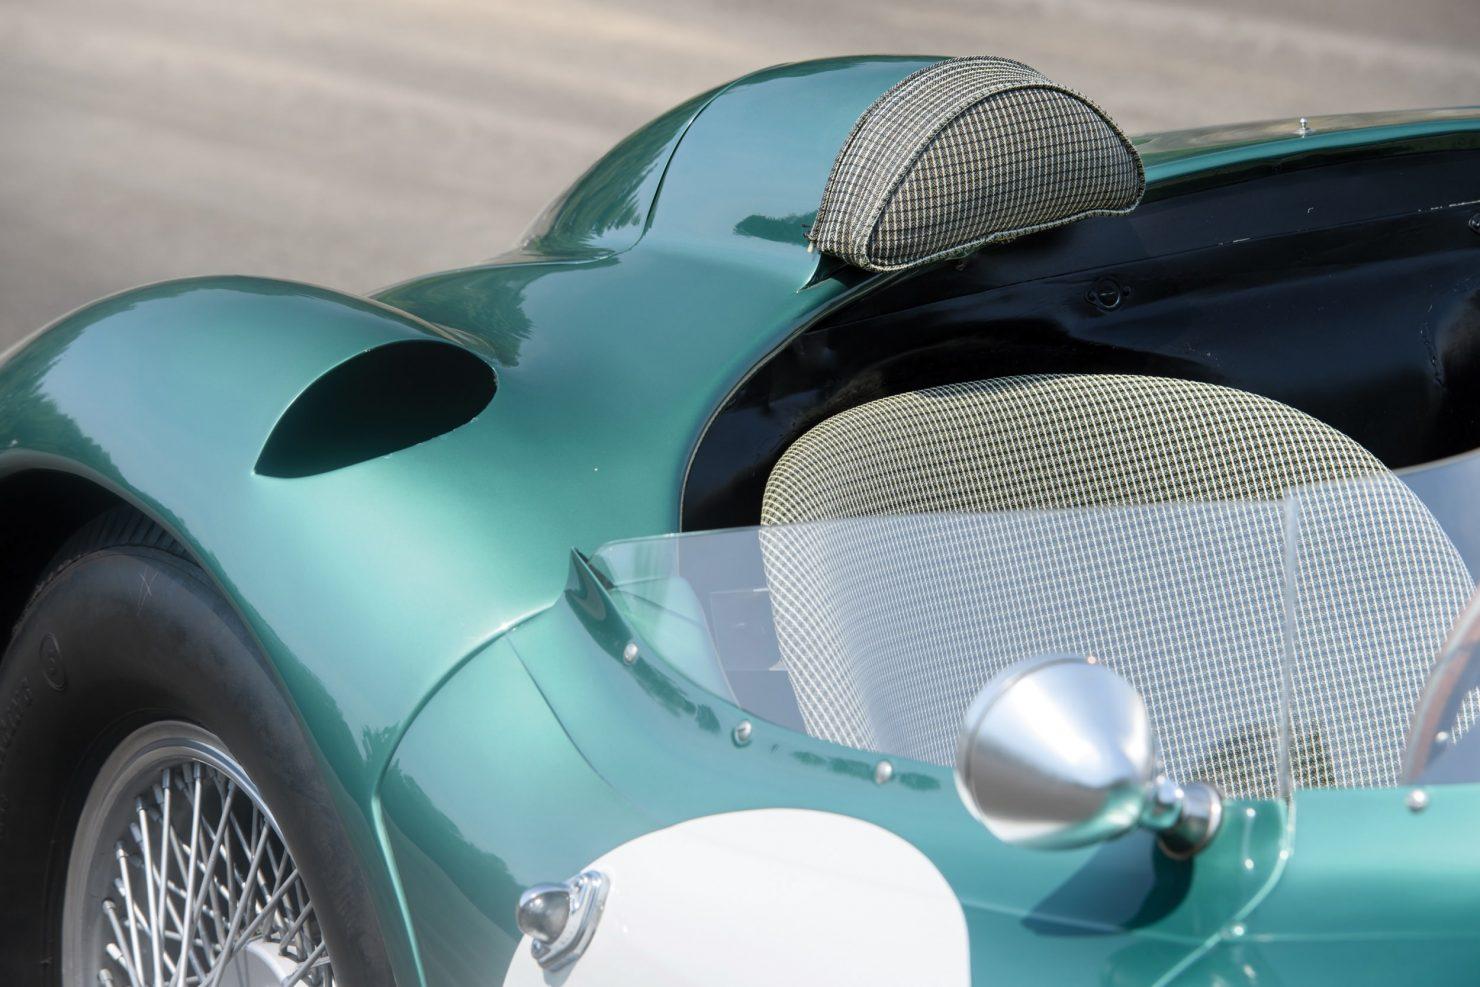 aston martin dbr1 11 1480x987 - 1956 Aston Martin DBR1